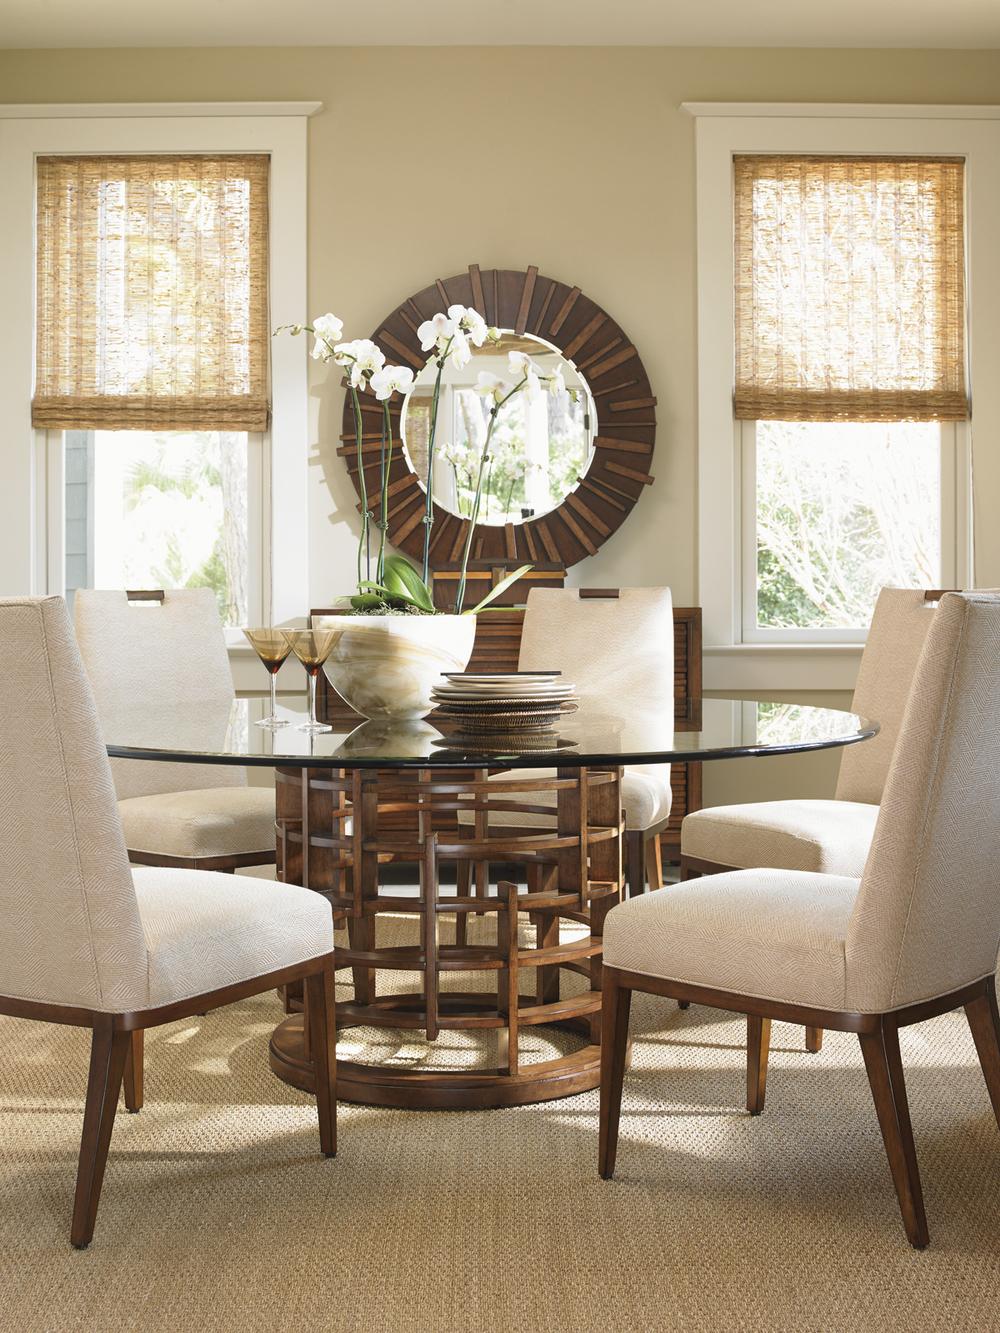 LEXINGTON HOME BRANDS - Coles Bay Side Chair